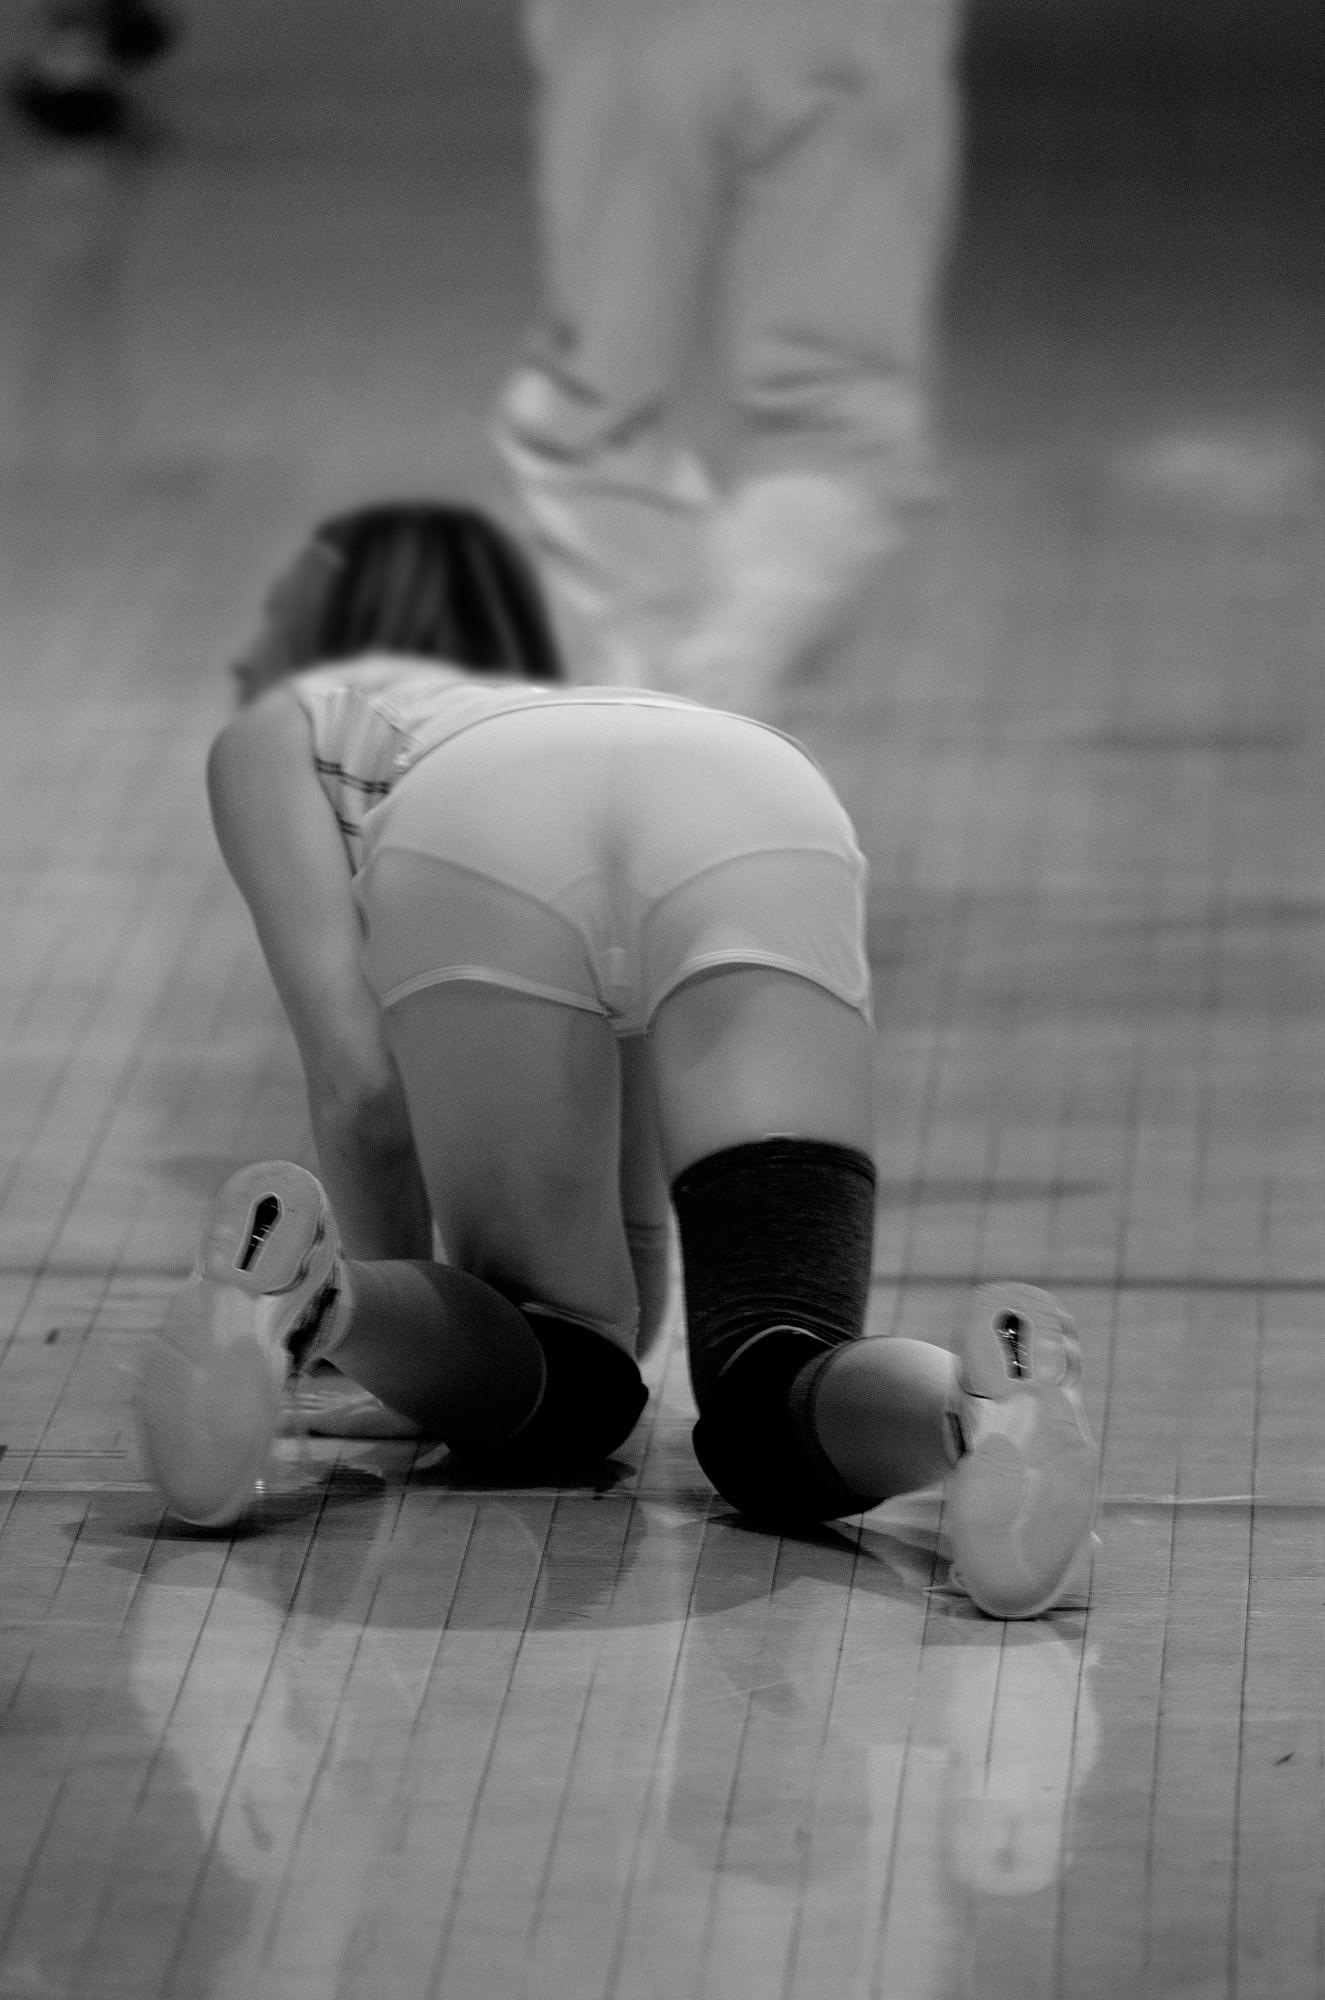 赤外線カメラ半端ない!!女子バレー選手のパンツとブラが透けまくってるスポーツ系エロ画像 3019